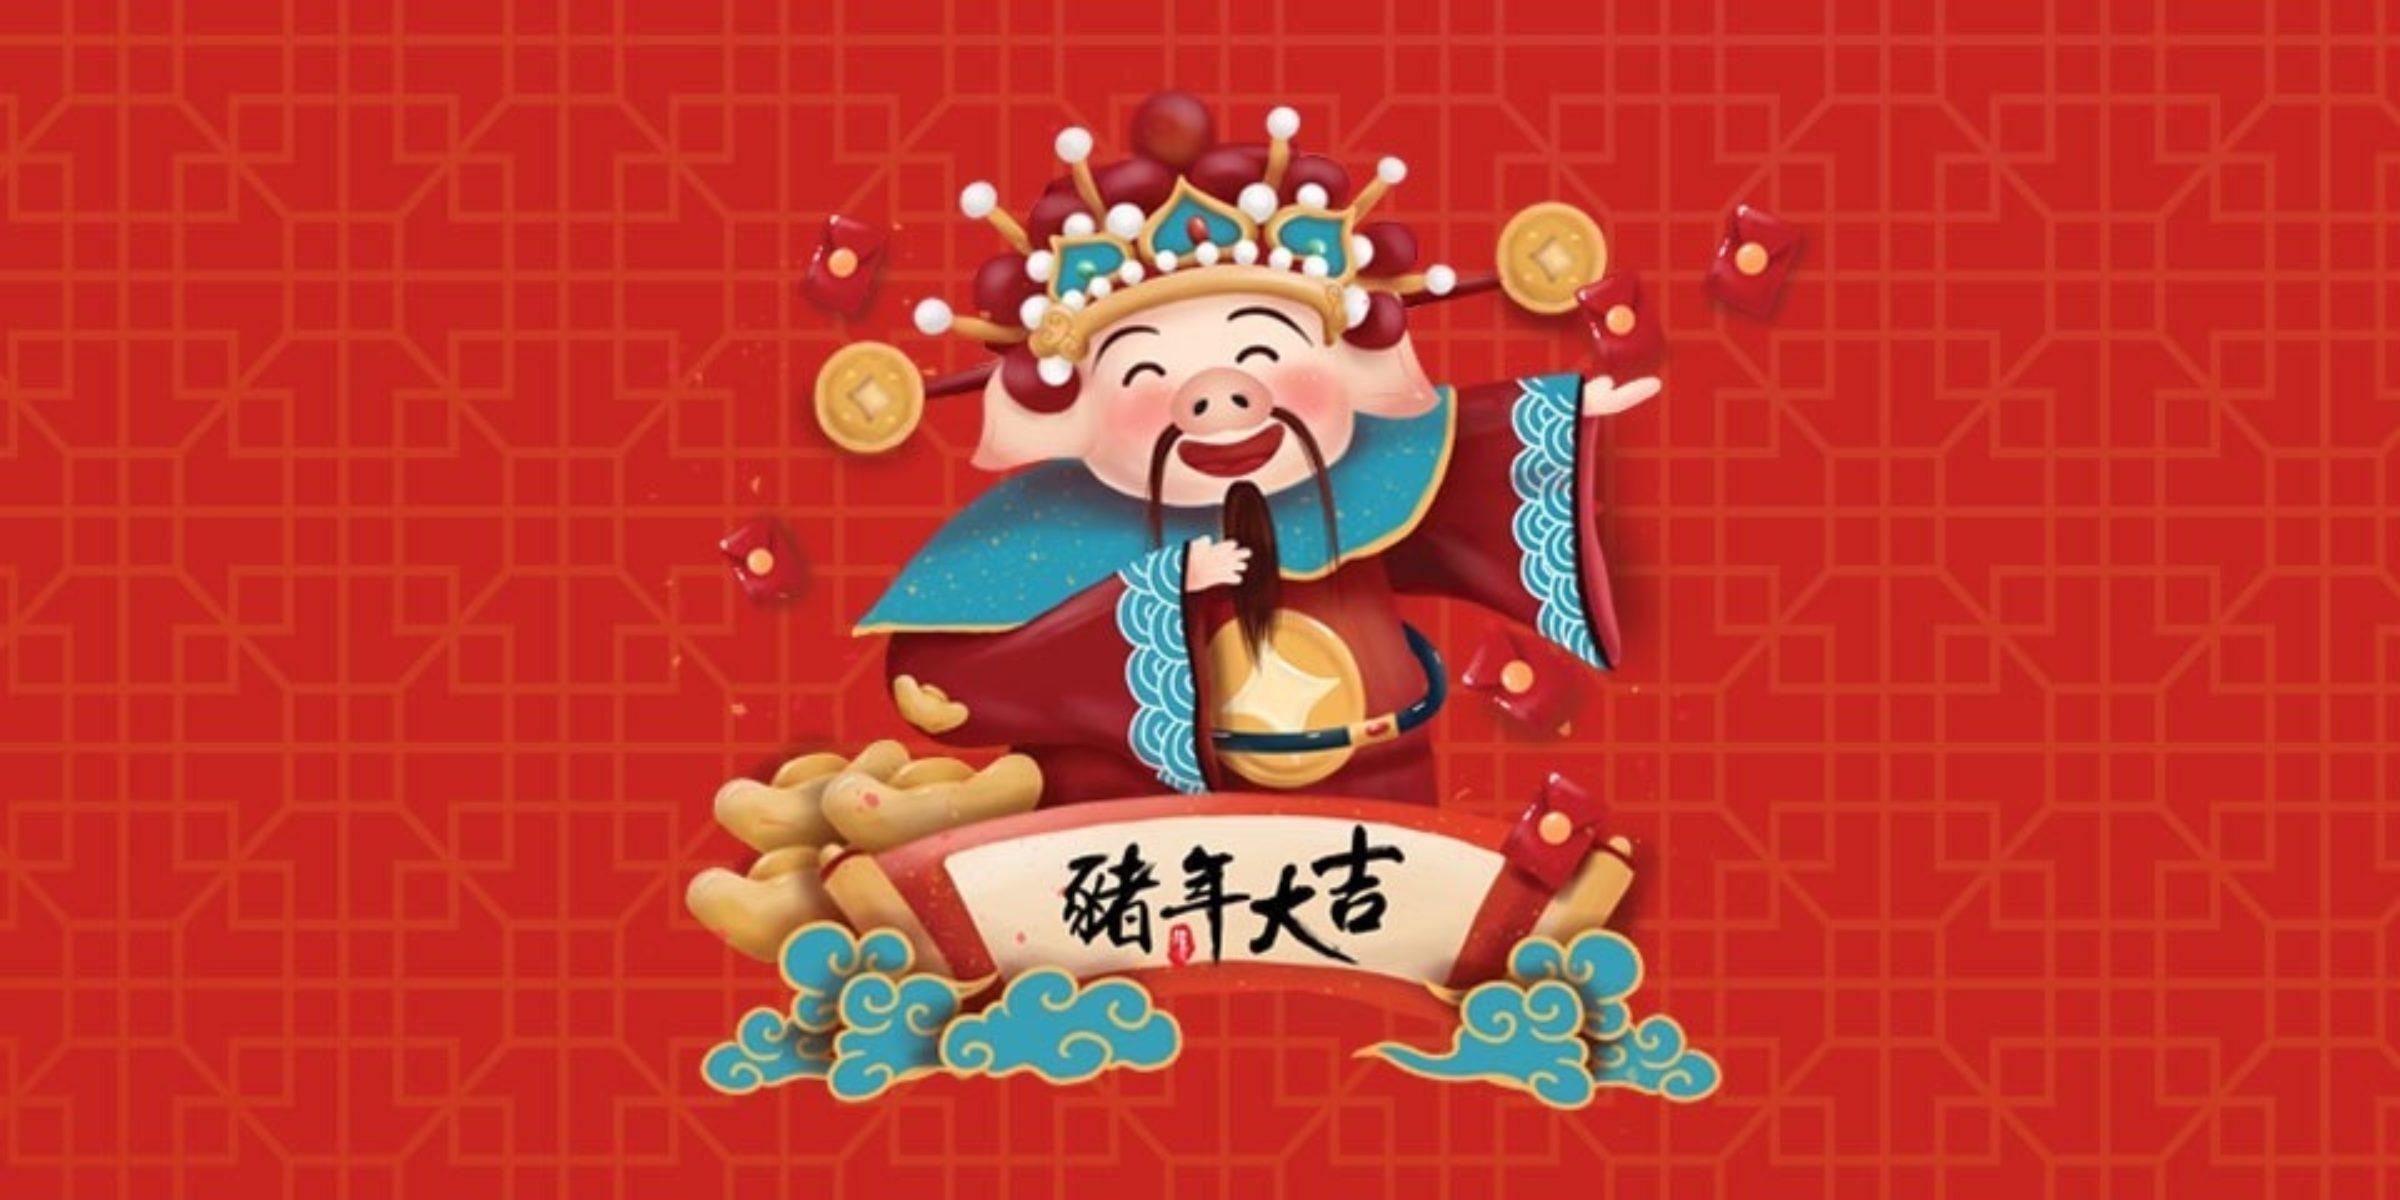 Chinees nieuwjaar 960x480 35hxb59mvk